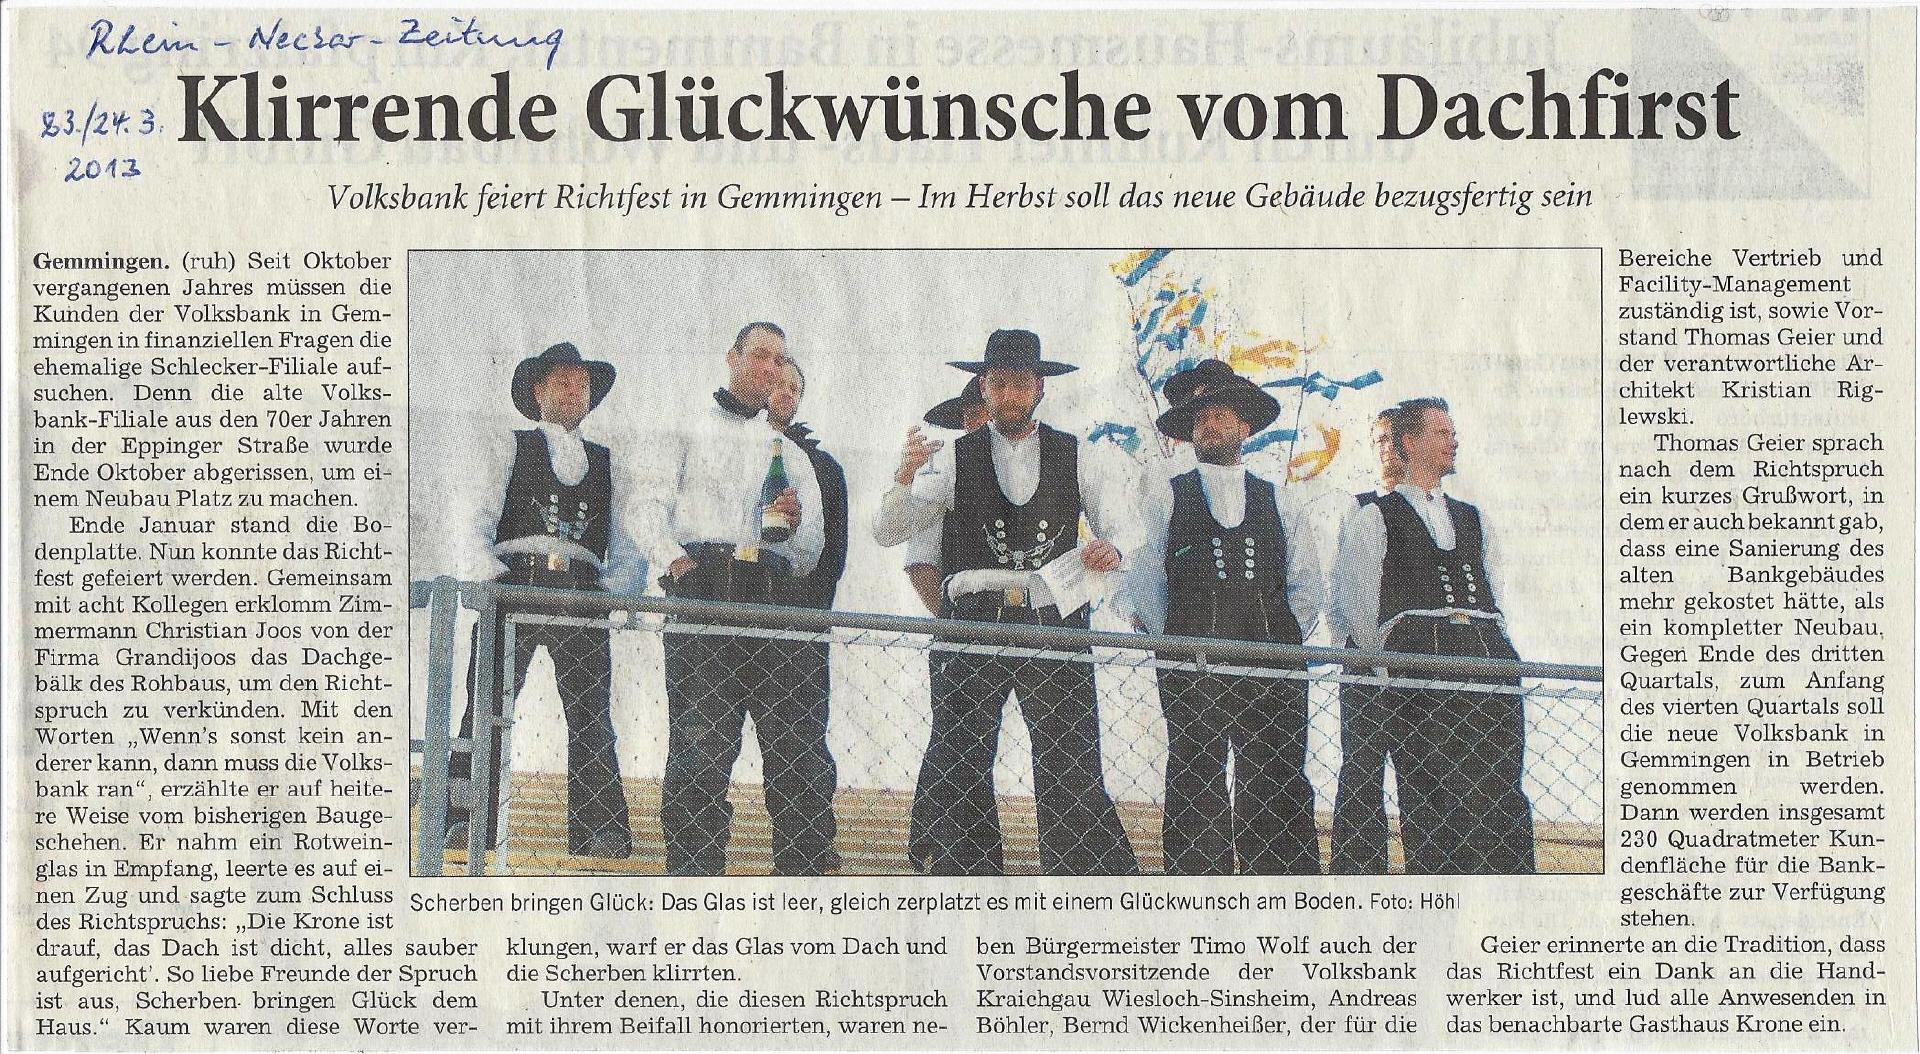 Grandi Joos – Klirrende Glückwünsche vom Dachfirst (Volksbank Gemmingen)